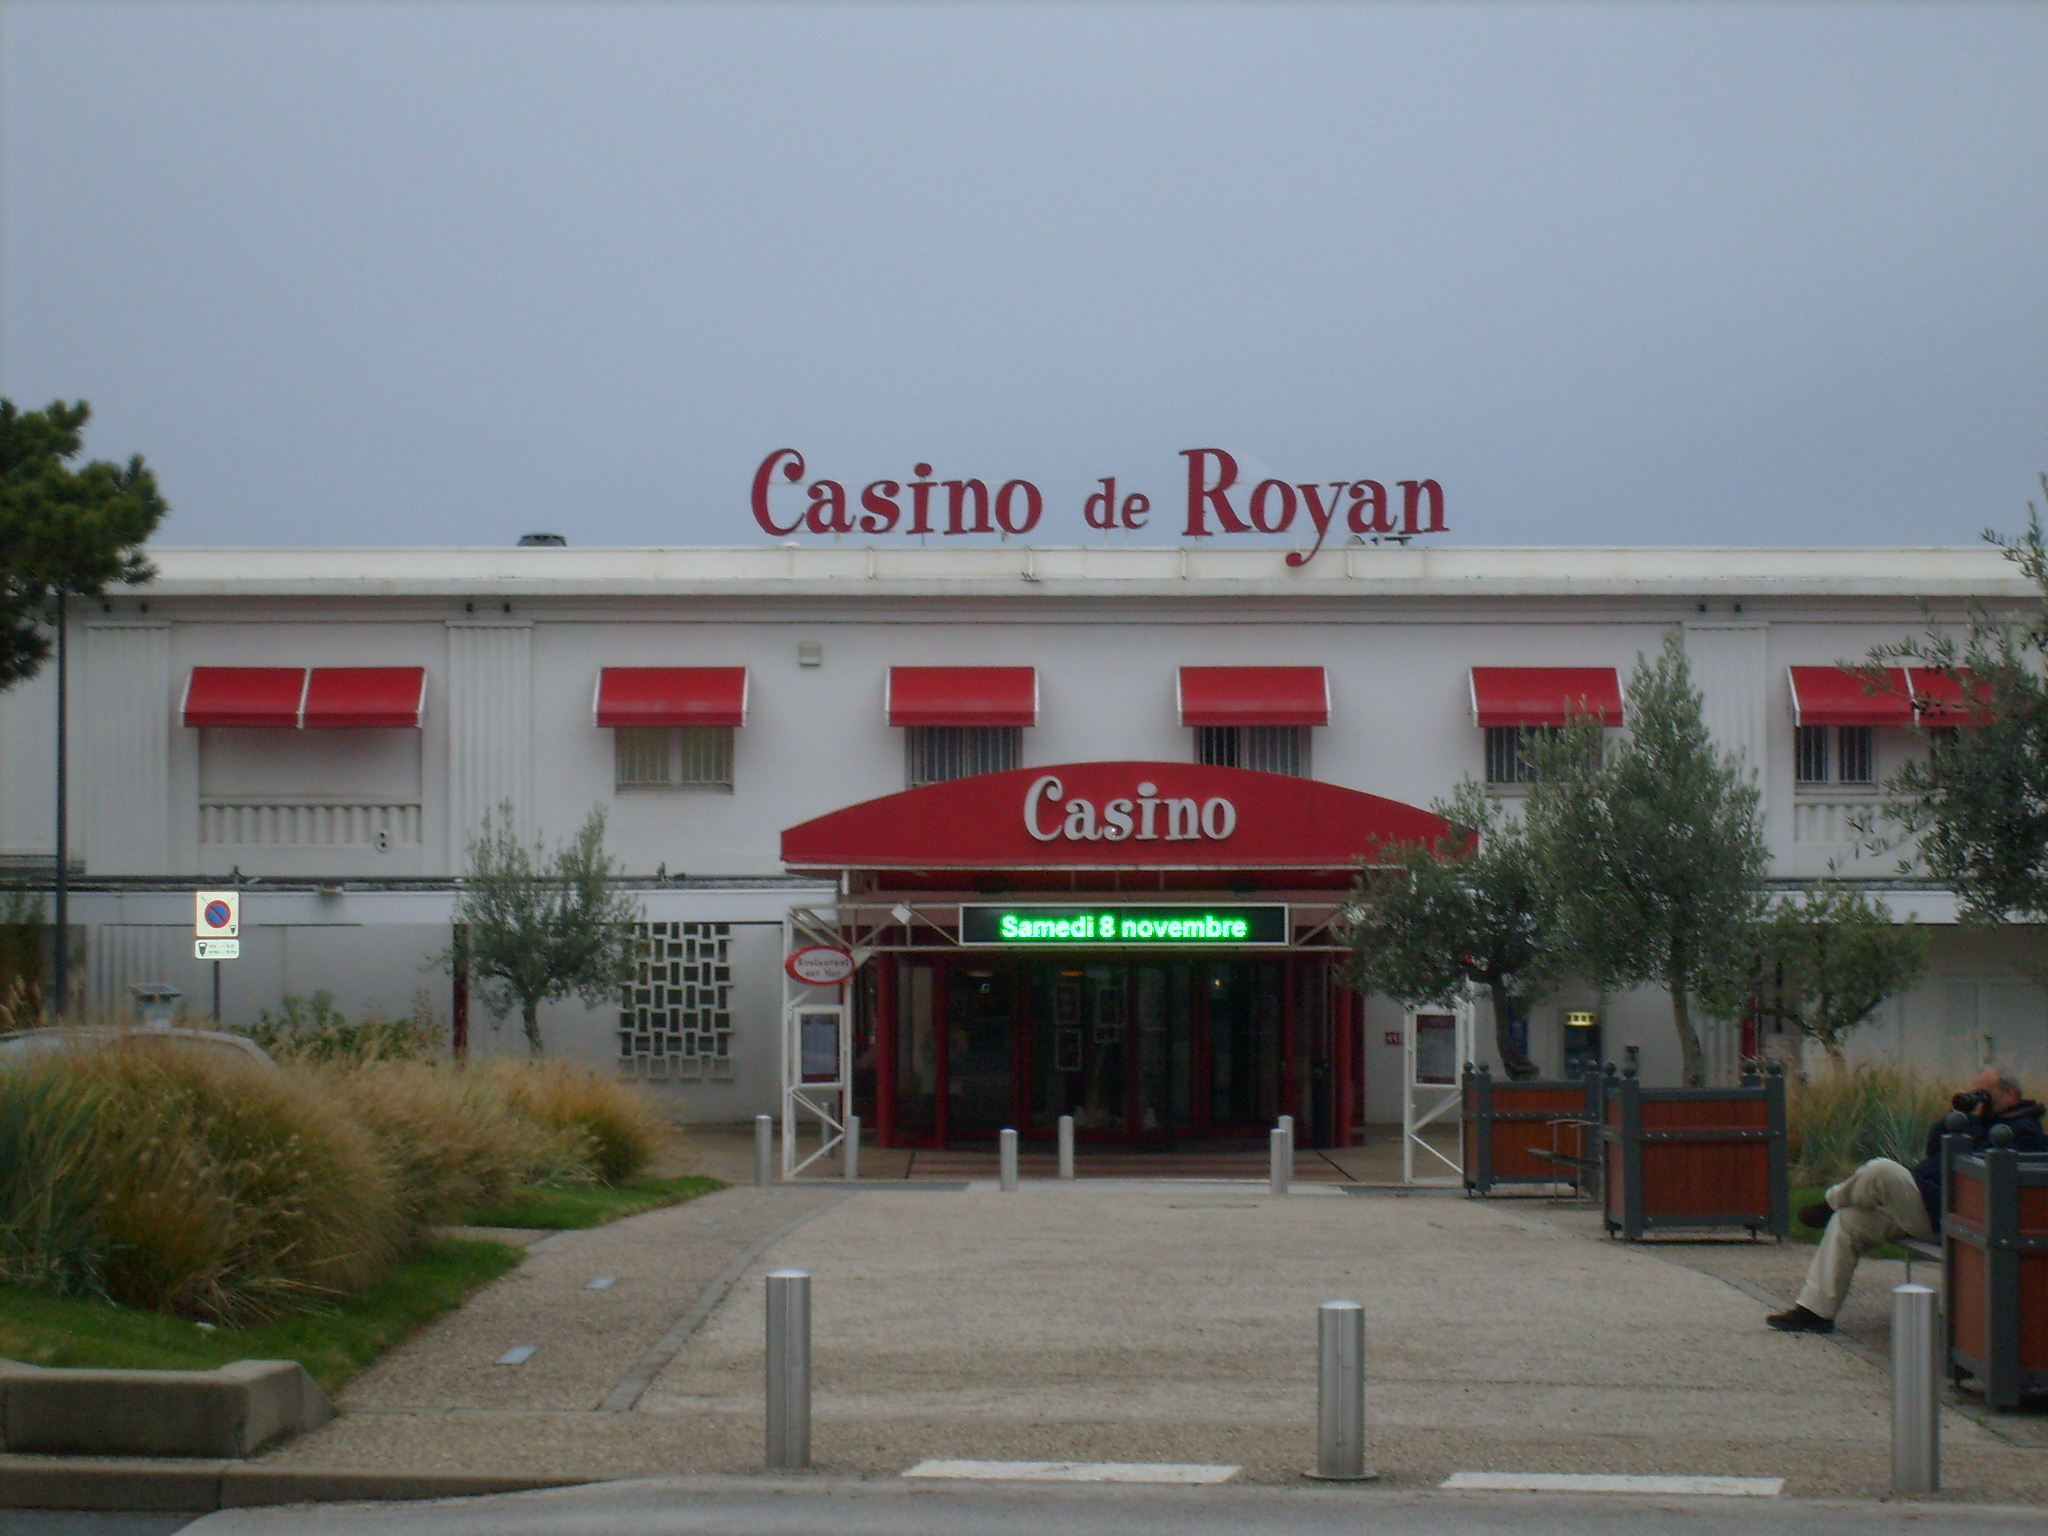 Les casinos de royan for Restaurant la cuisine limoges